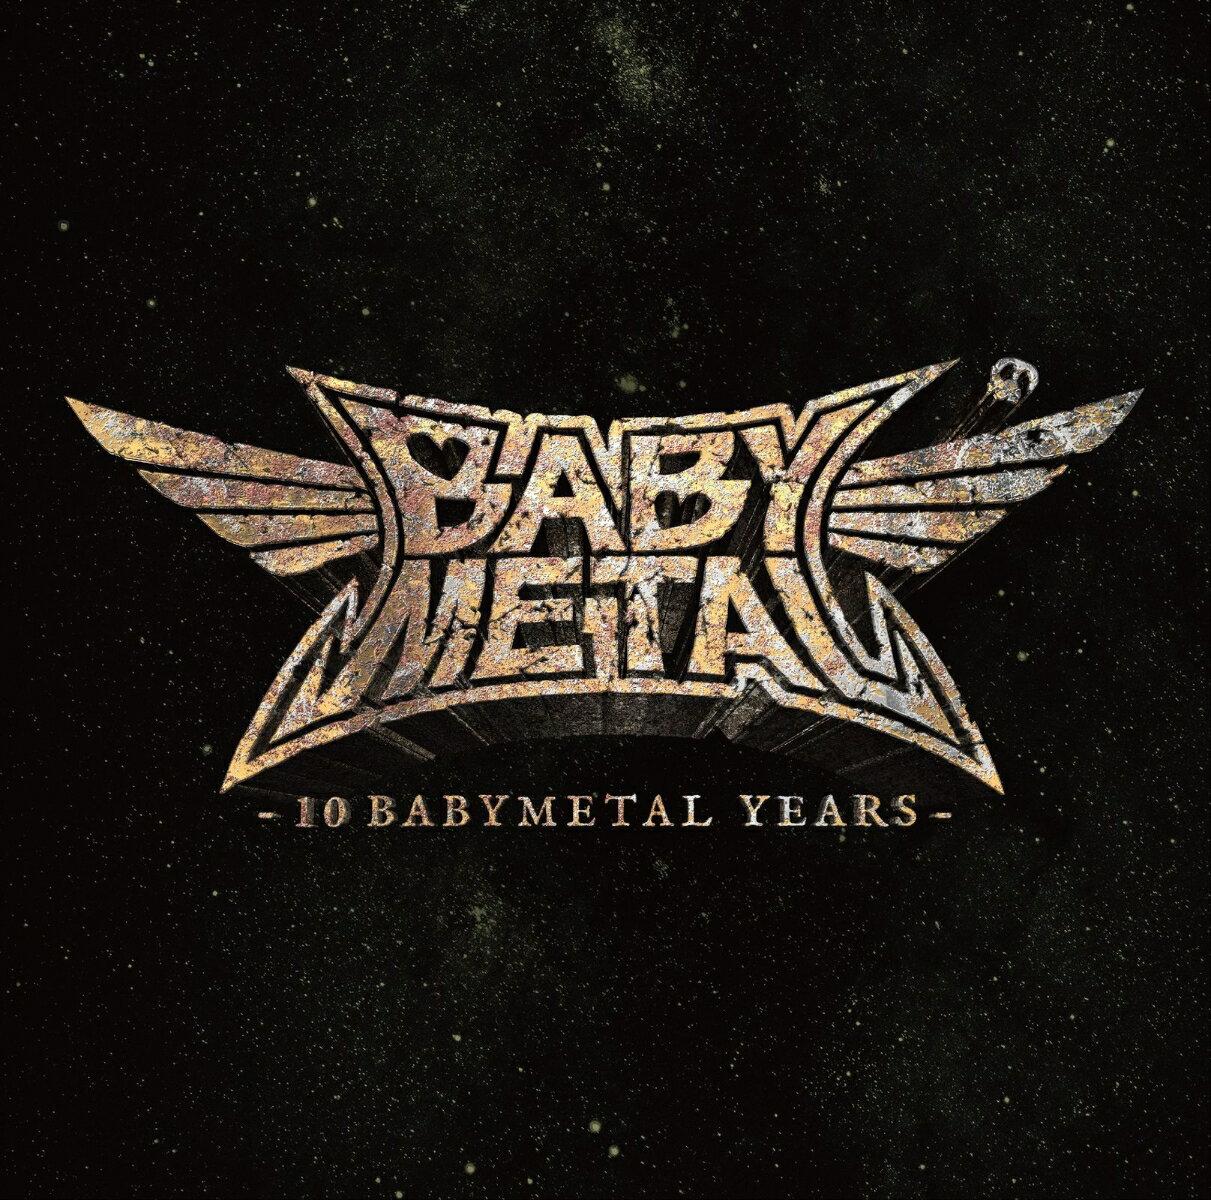 ロック・ポップス, その他 10 BABYMETAL YEARS () BABYMETAL